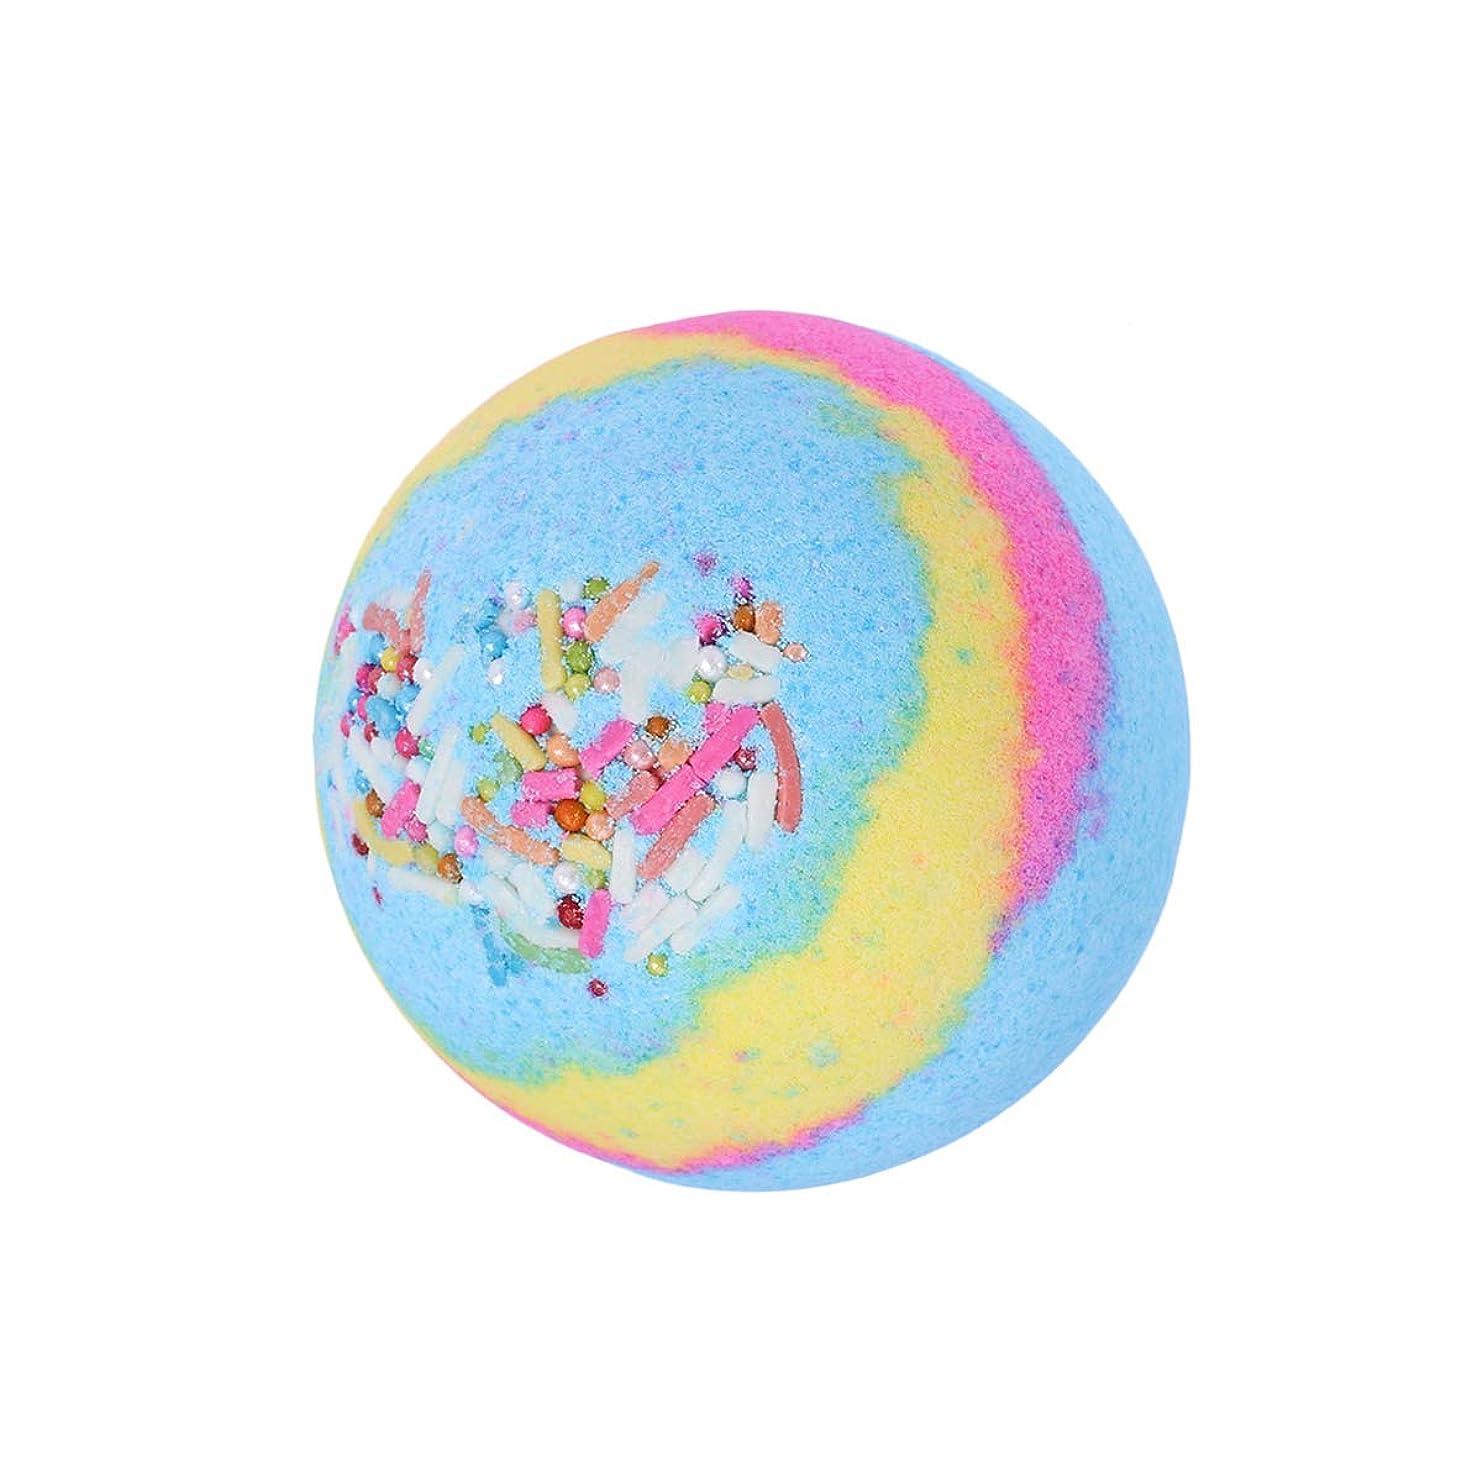 トリプル自伝プラカードLurrose 1ピース100グラム入浴剤ボールフレグランスは女性のためのエッセンシャルオイルバス爆弾を保湿(海洋多色)